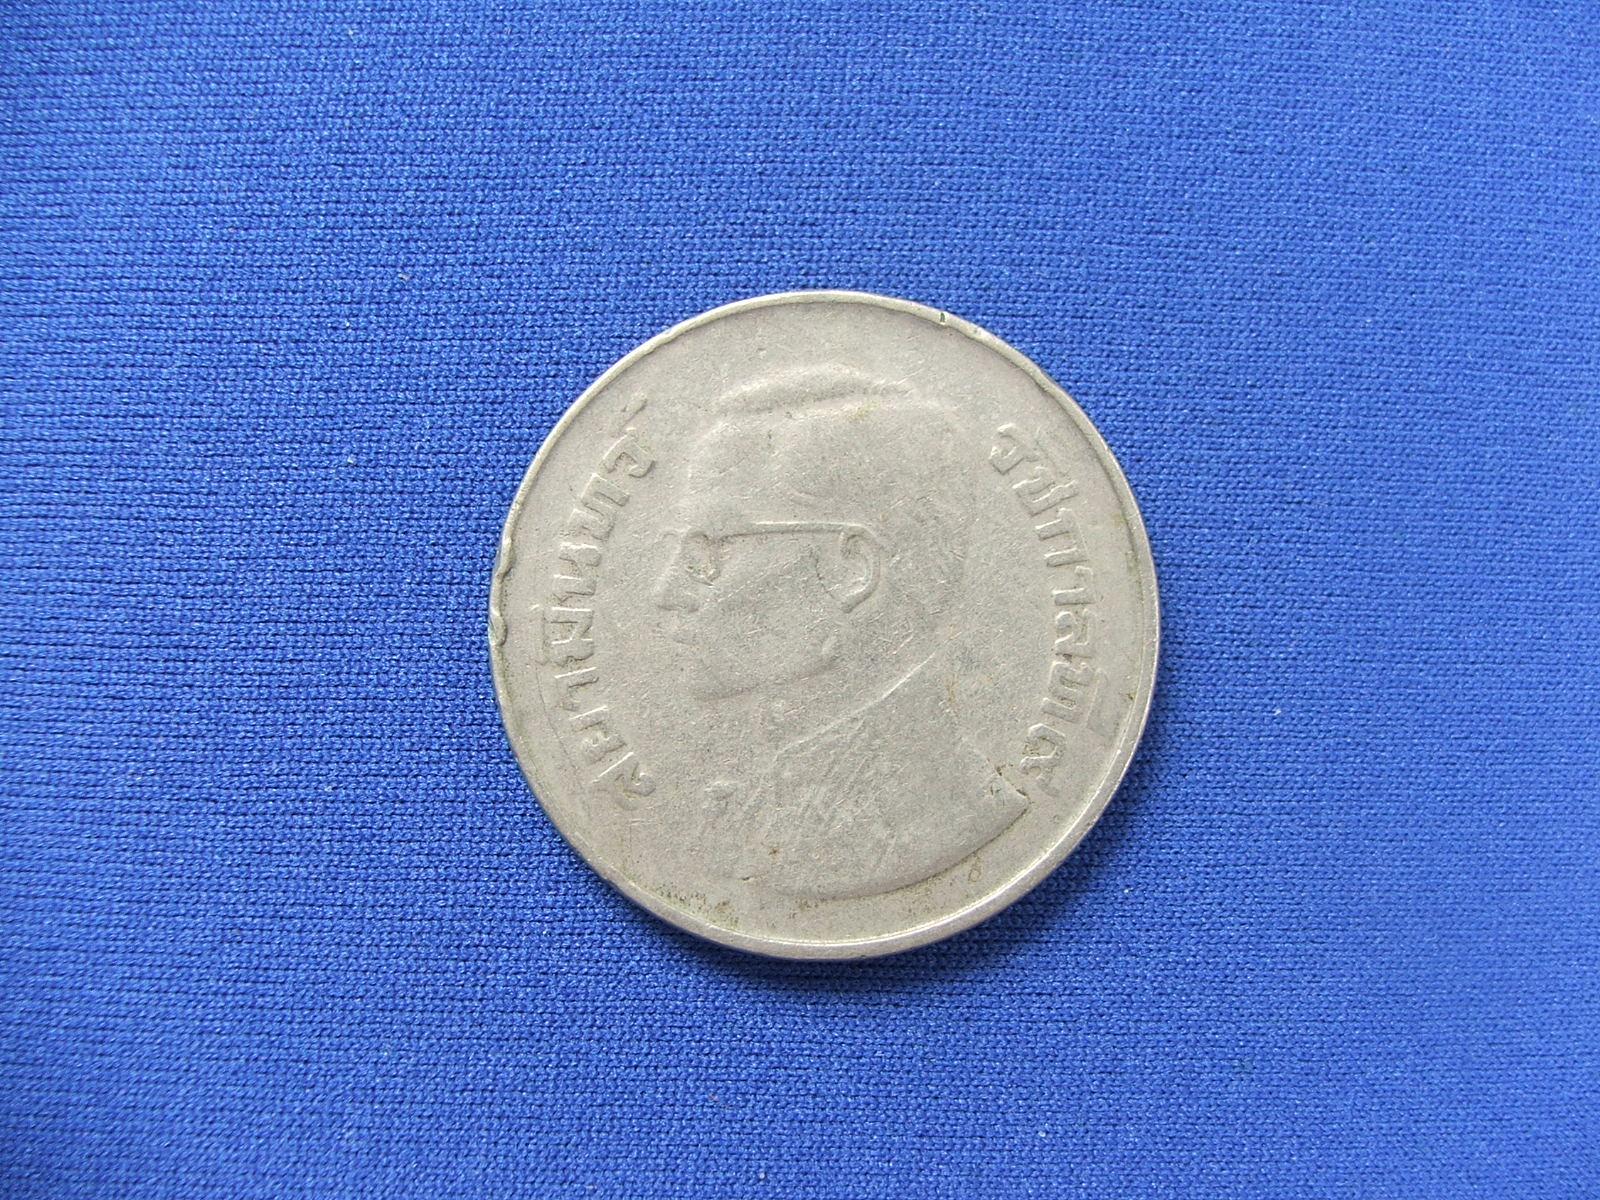 เหรียญ ๕ บาท ครุฑใหญ่ ๒๕๒๐